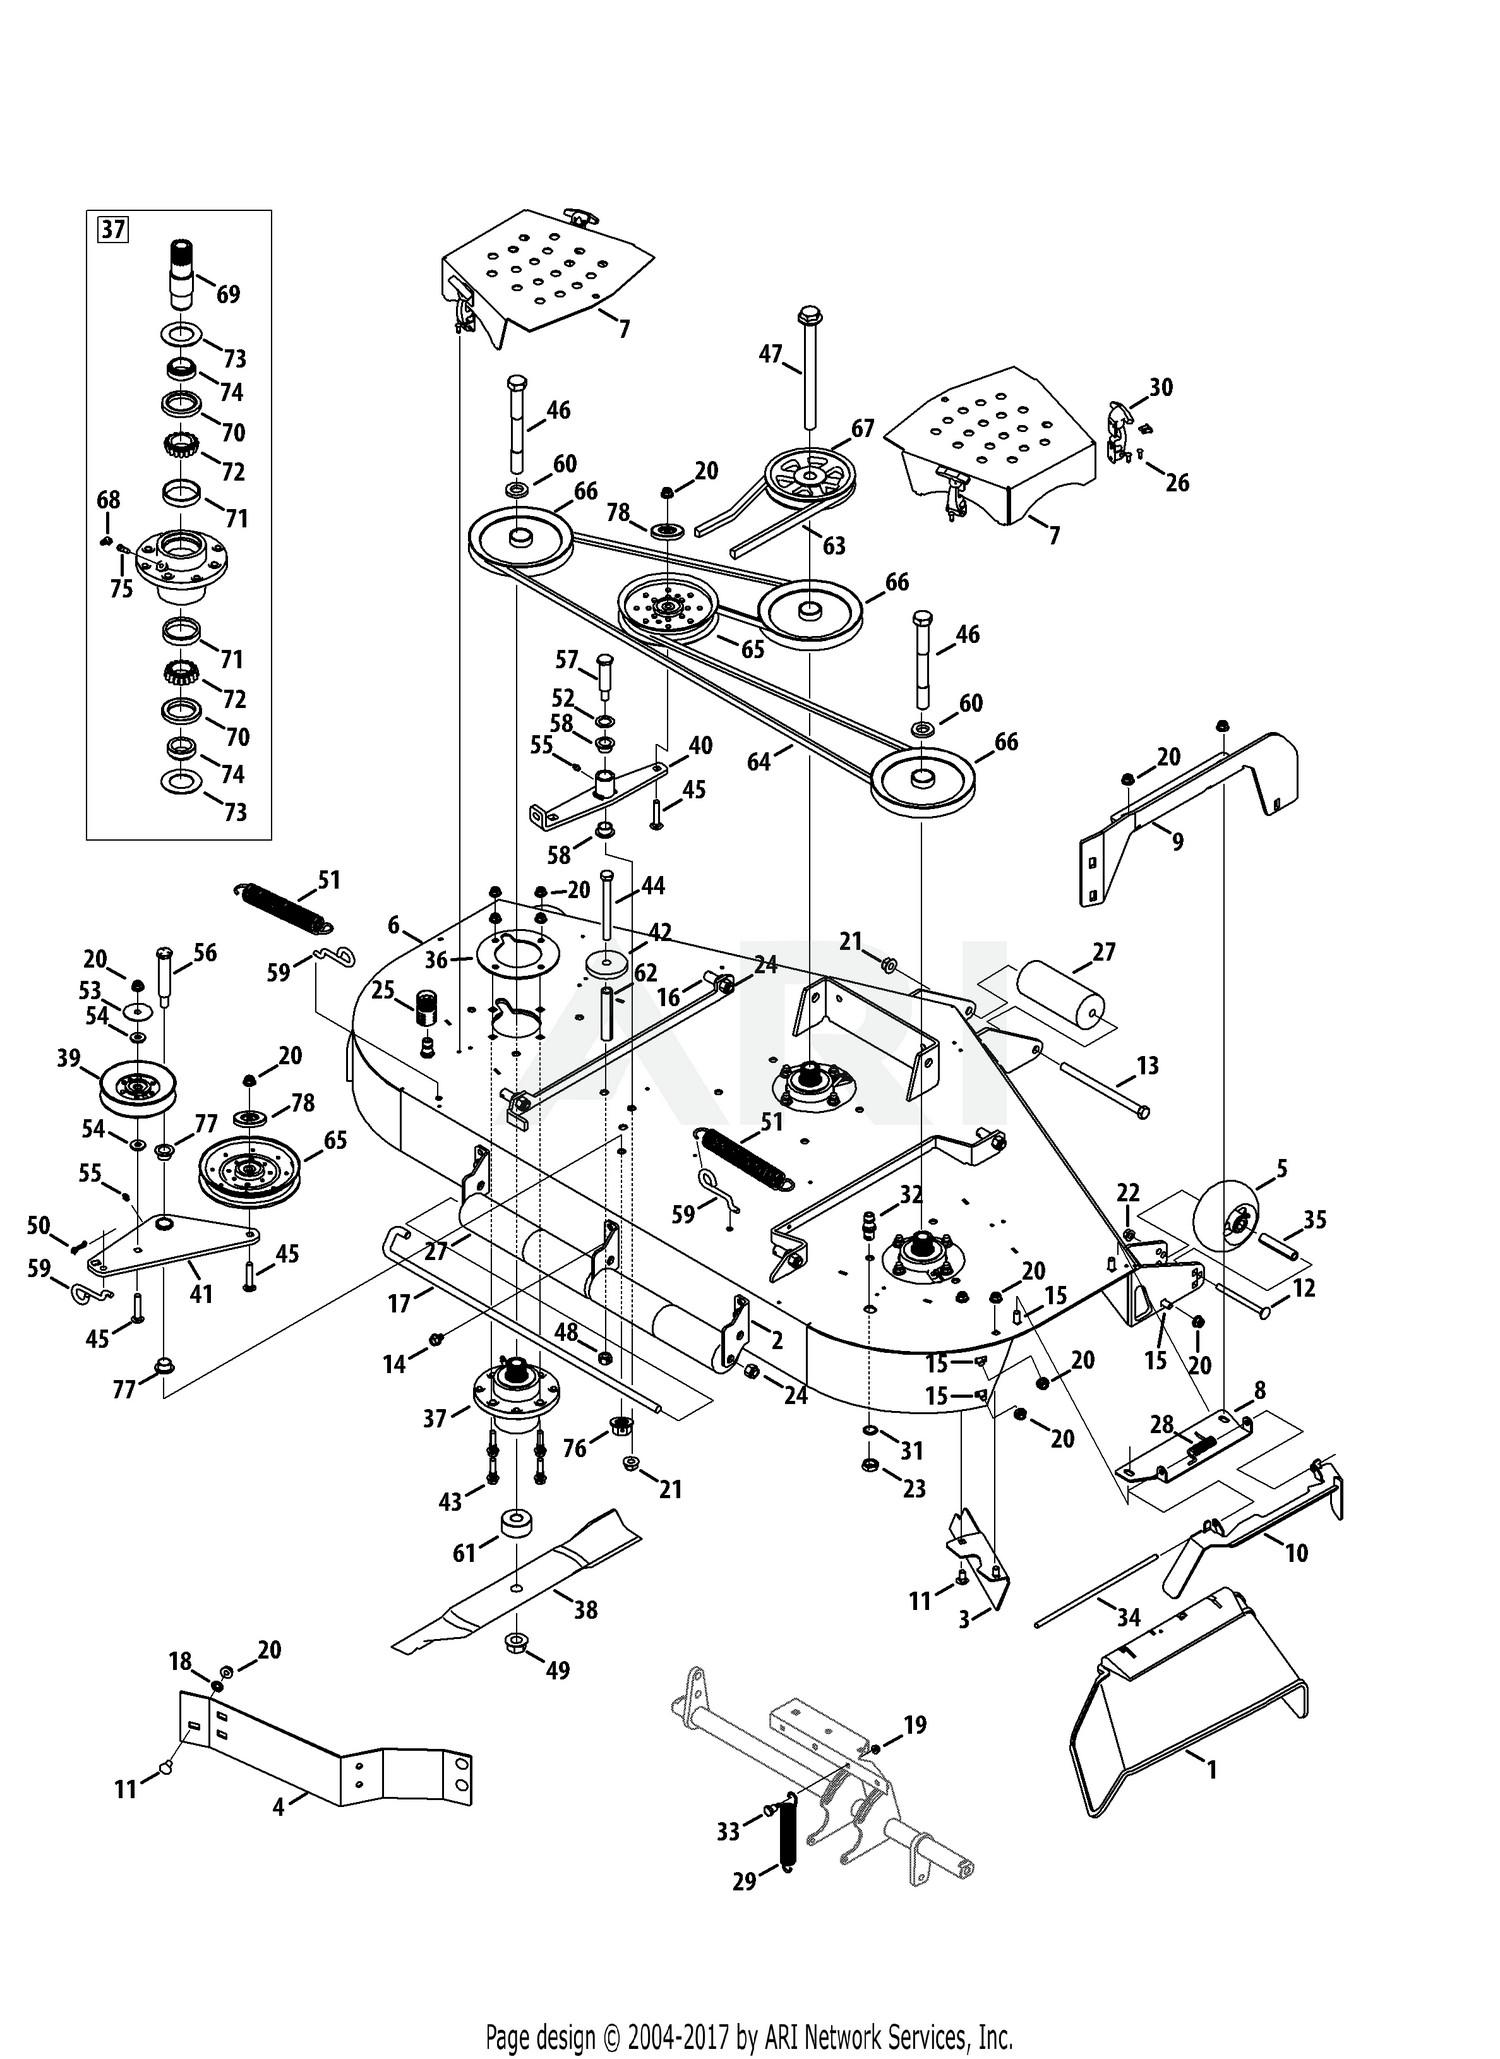 Cub cadet mower deck parts diagram cub cadet parts diagrams cub cadet tank lz 60kw 2013